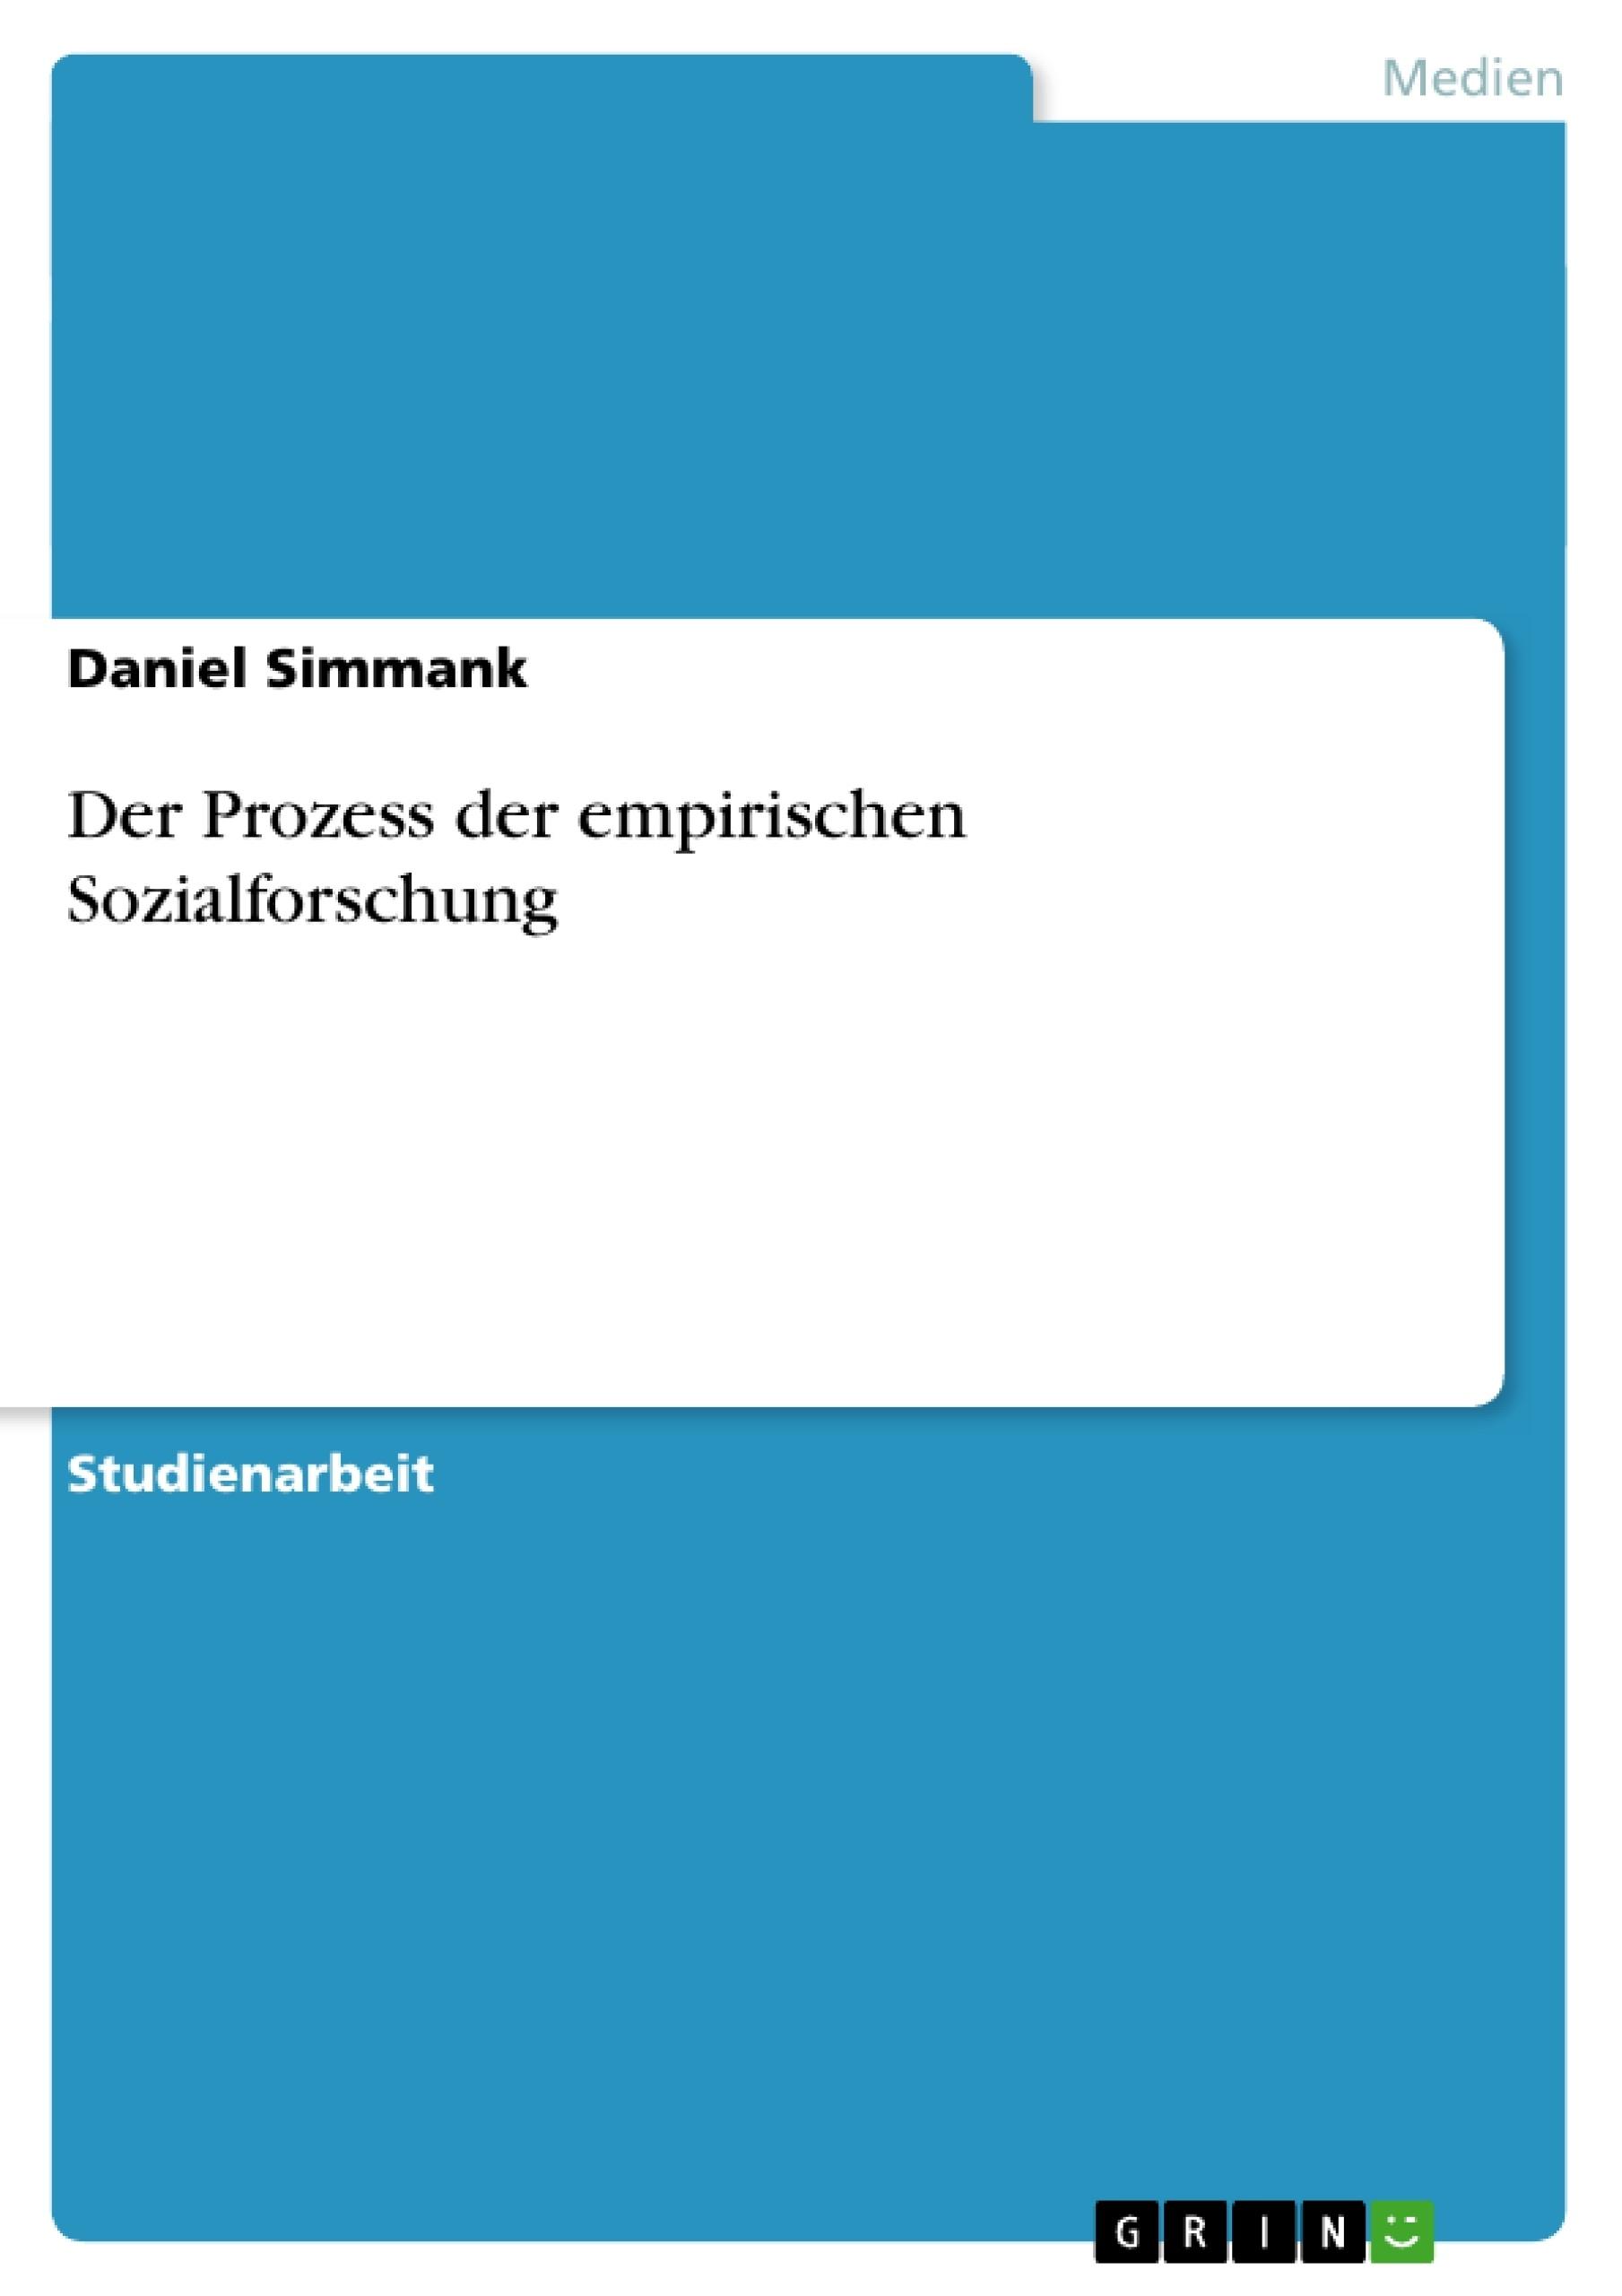 Titel: Der Prozess der empirischen Sozialforschung